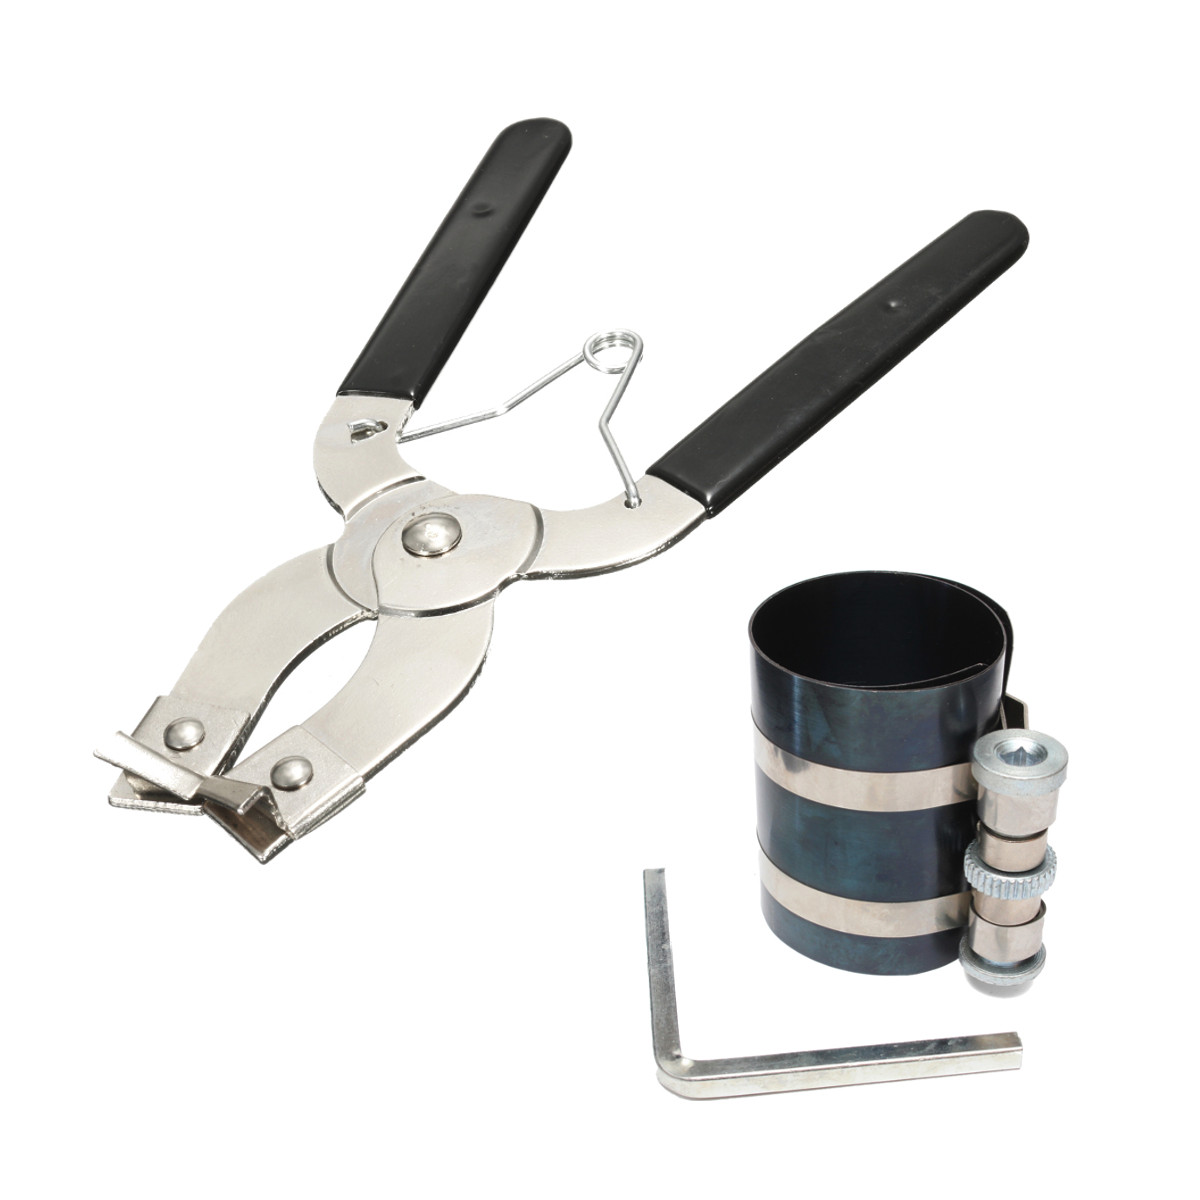 1 Juego de anillo de pistón compresor instalador trinquete alicate removedor motor expansor Herramienta de extracción